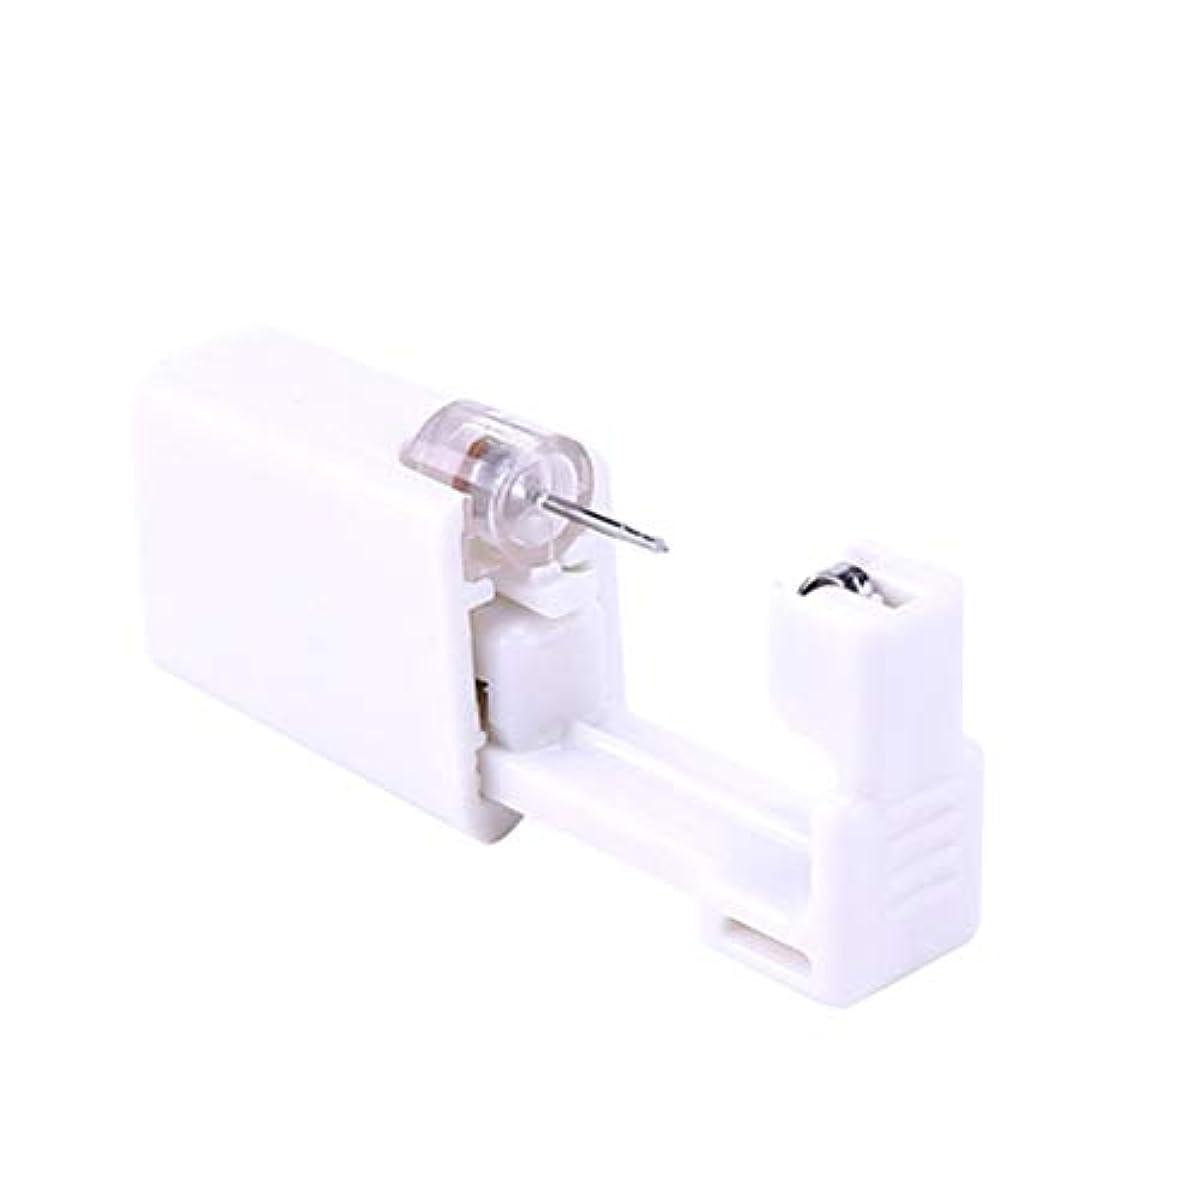 コントロール発明通信するSUPVOX 2本使い捨て耳ピアスガンボディピアスガンピアスツールピアスデバイス(ホワイト)